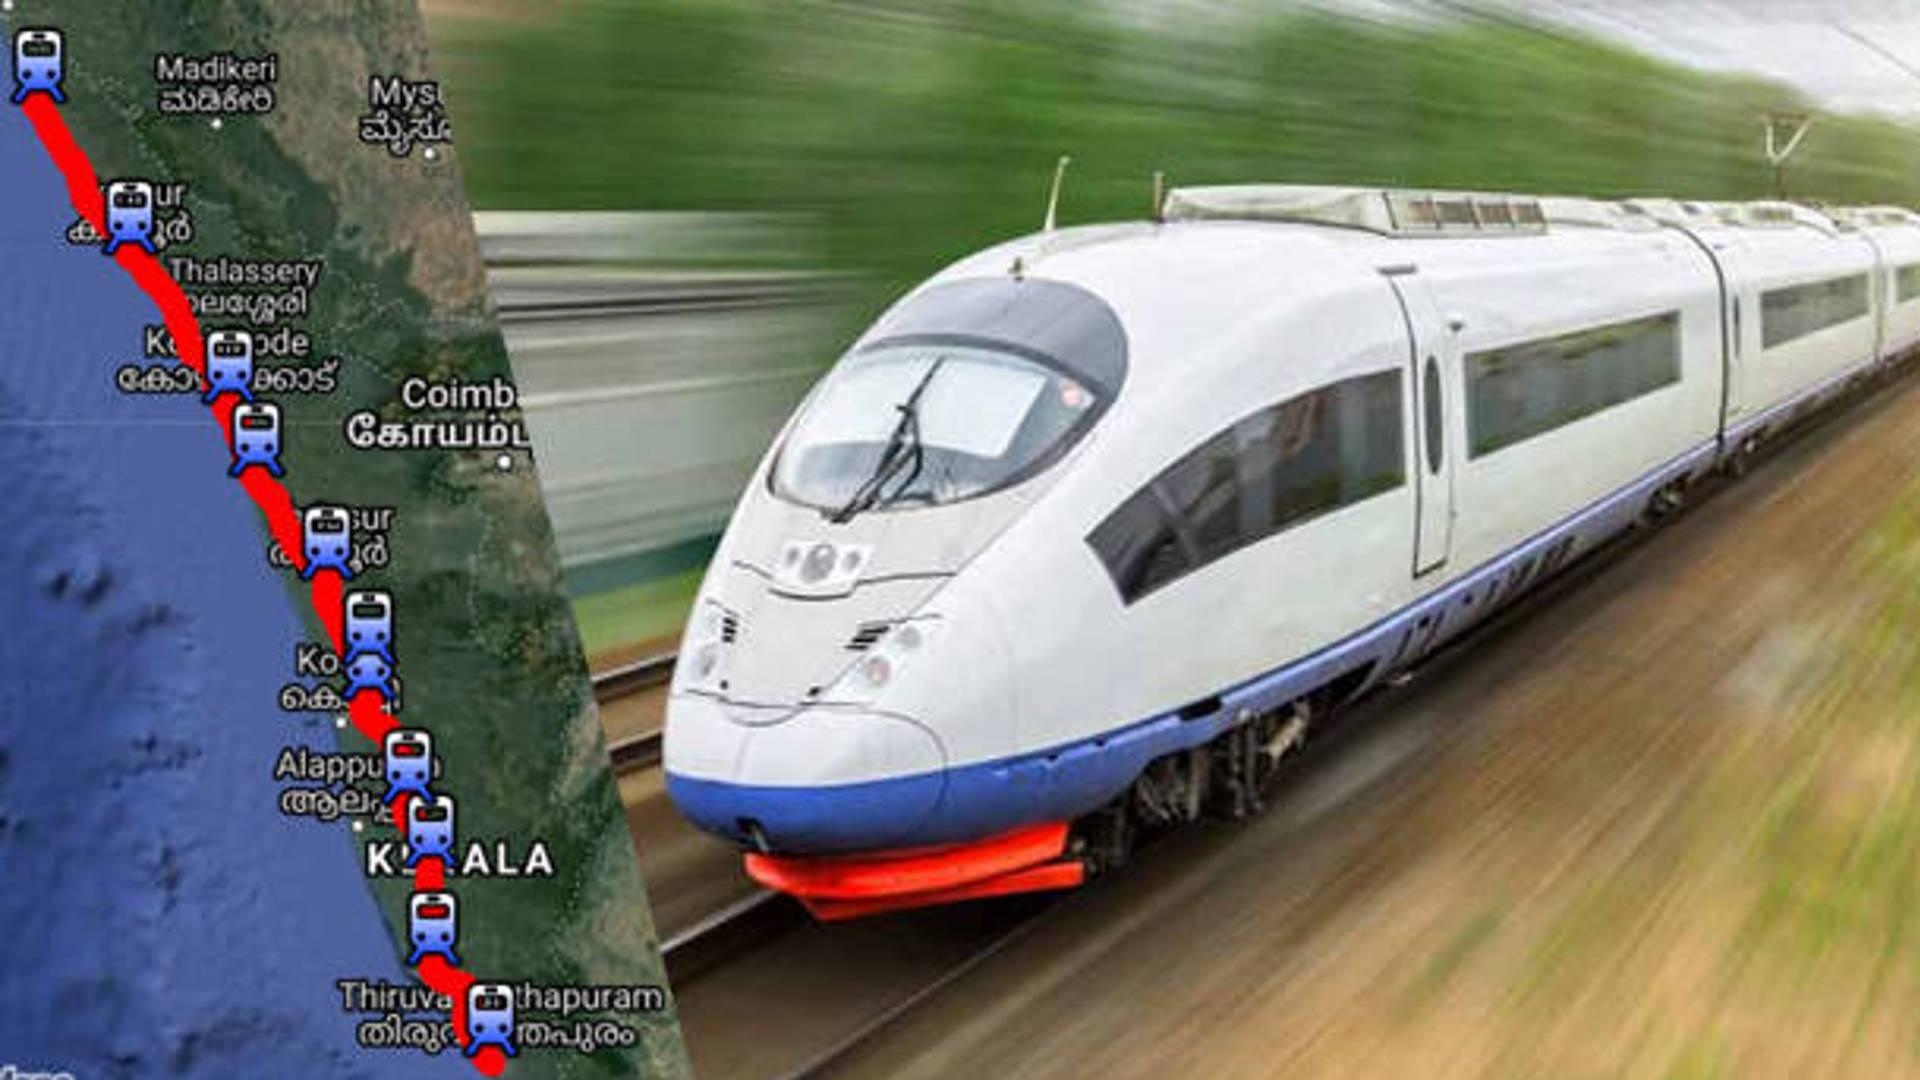 thiruvananthapuram kasaragod semi speed